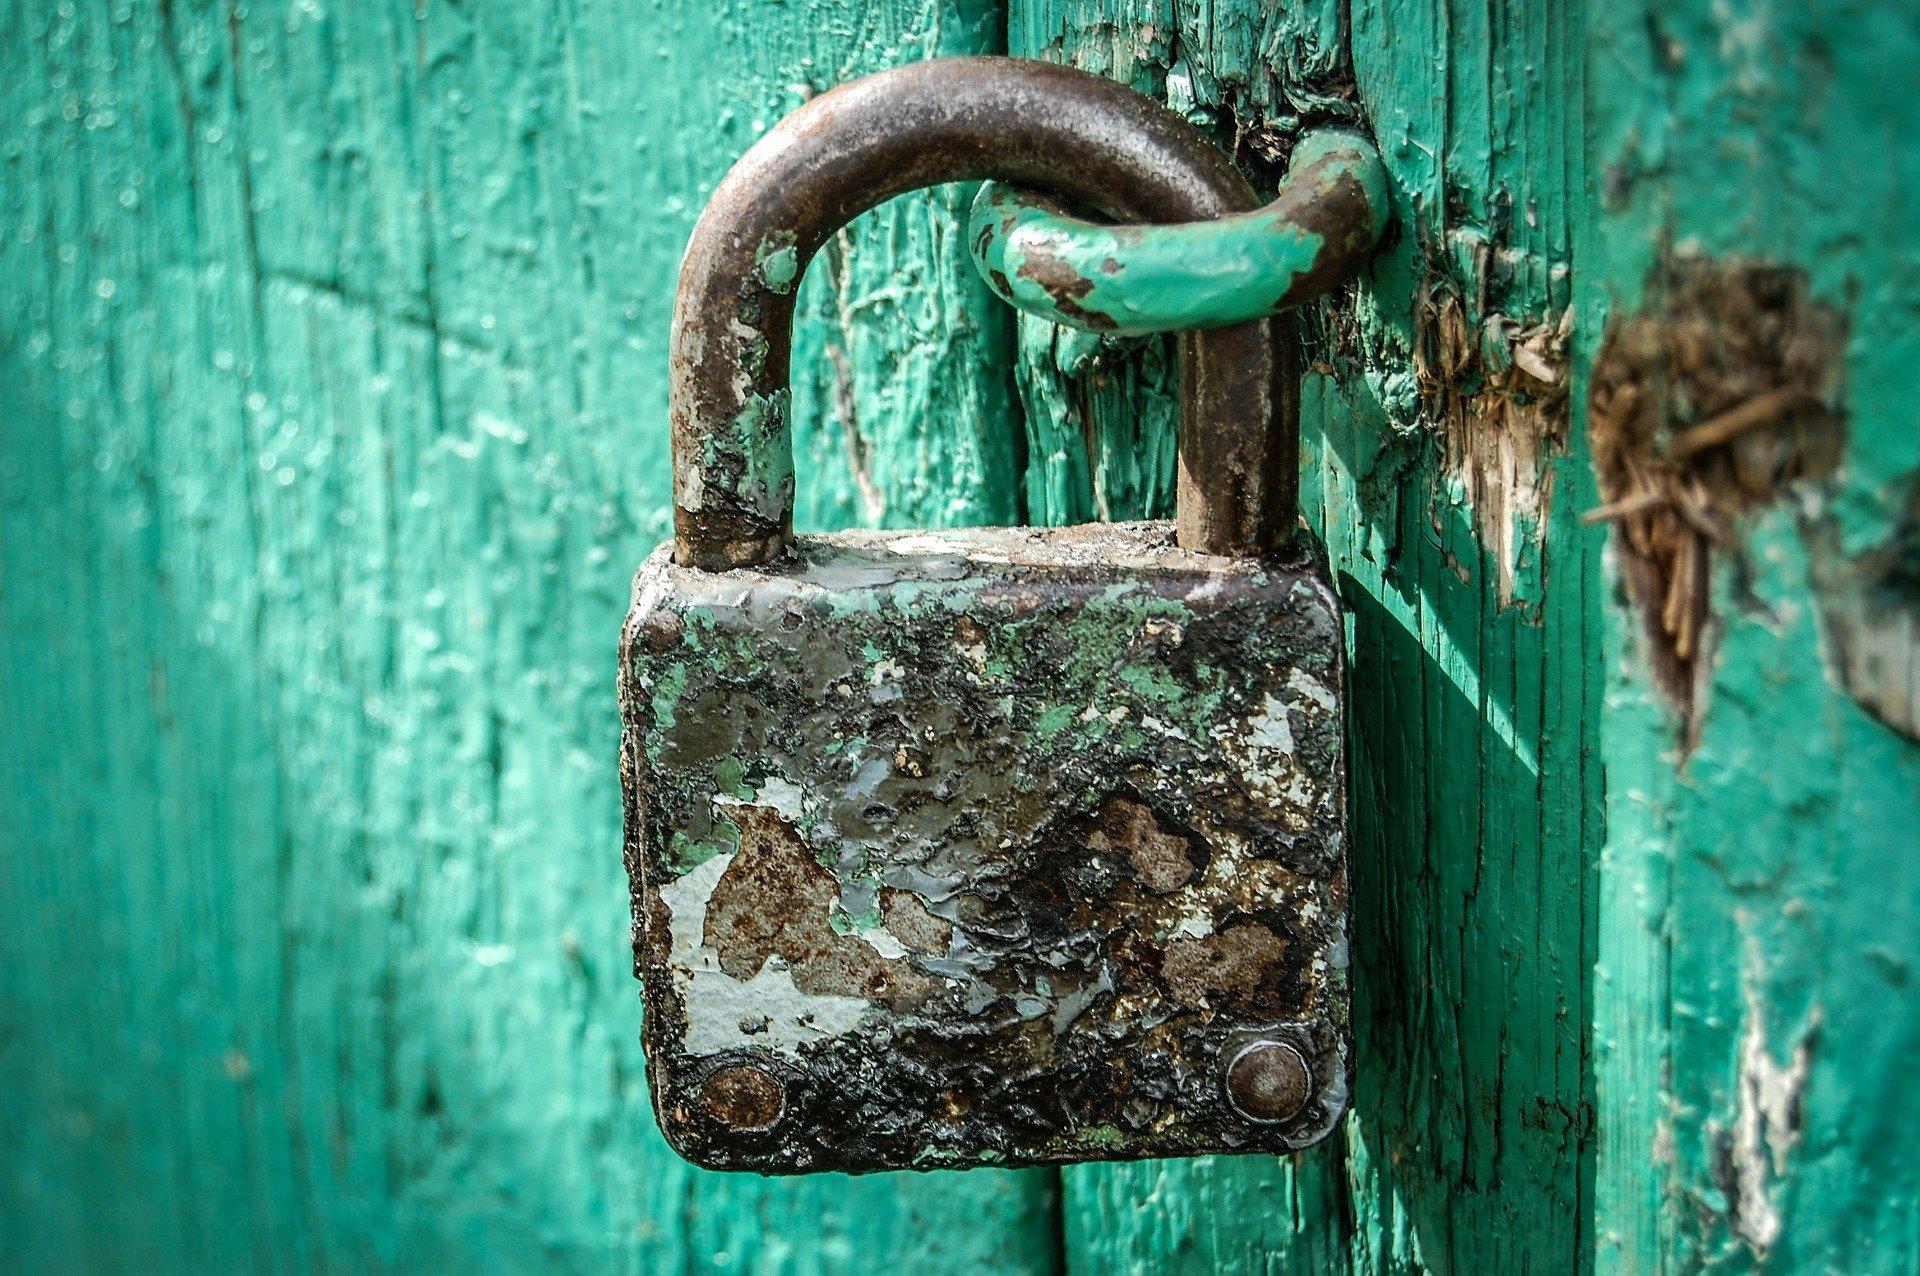 Vorhängeschloss, Quelle: Bild von Michal Jarmoluk auf Pixabay